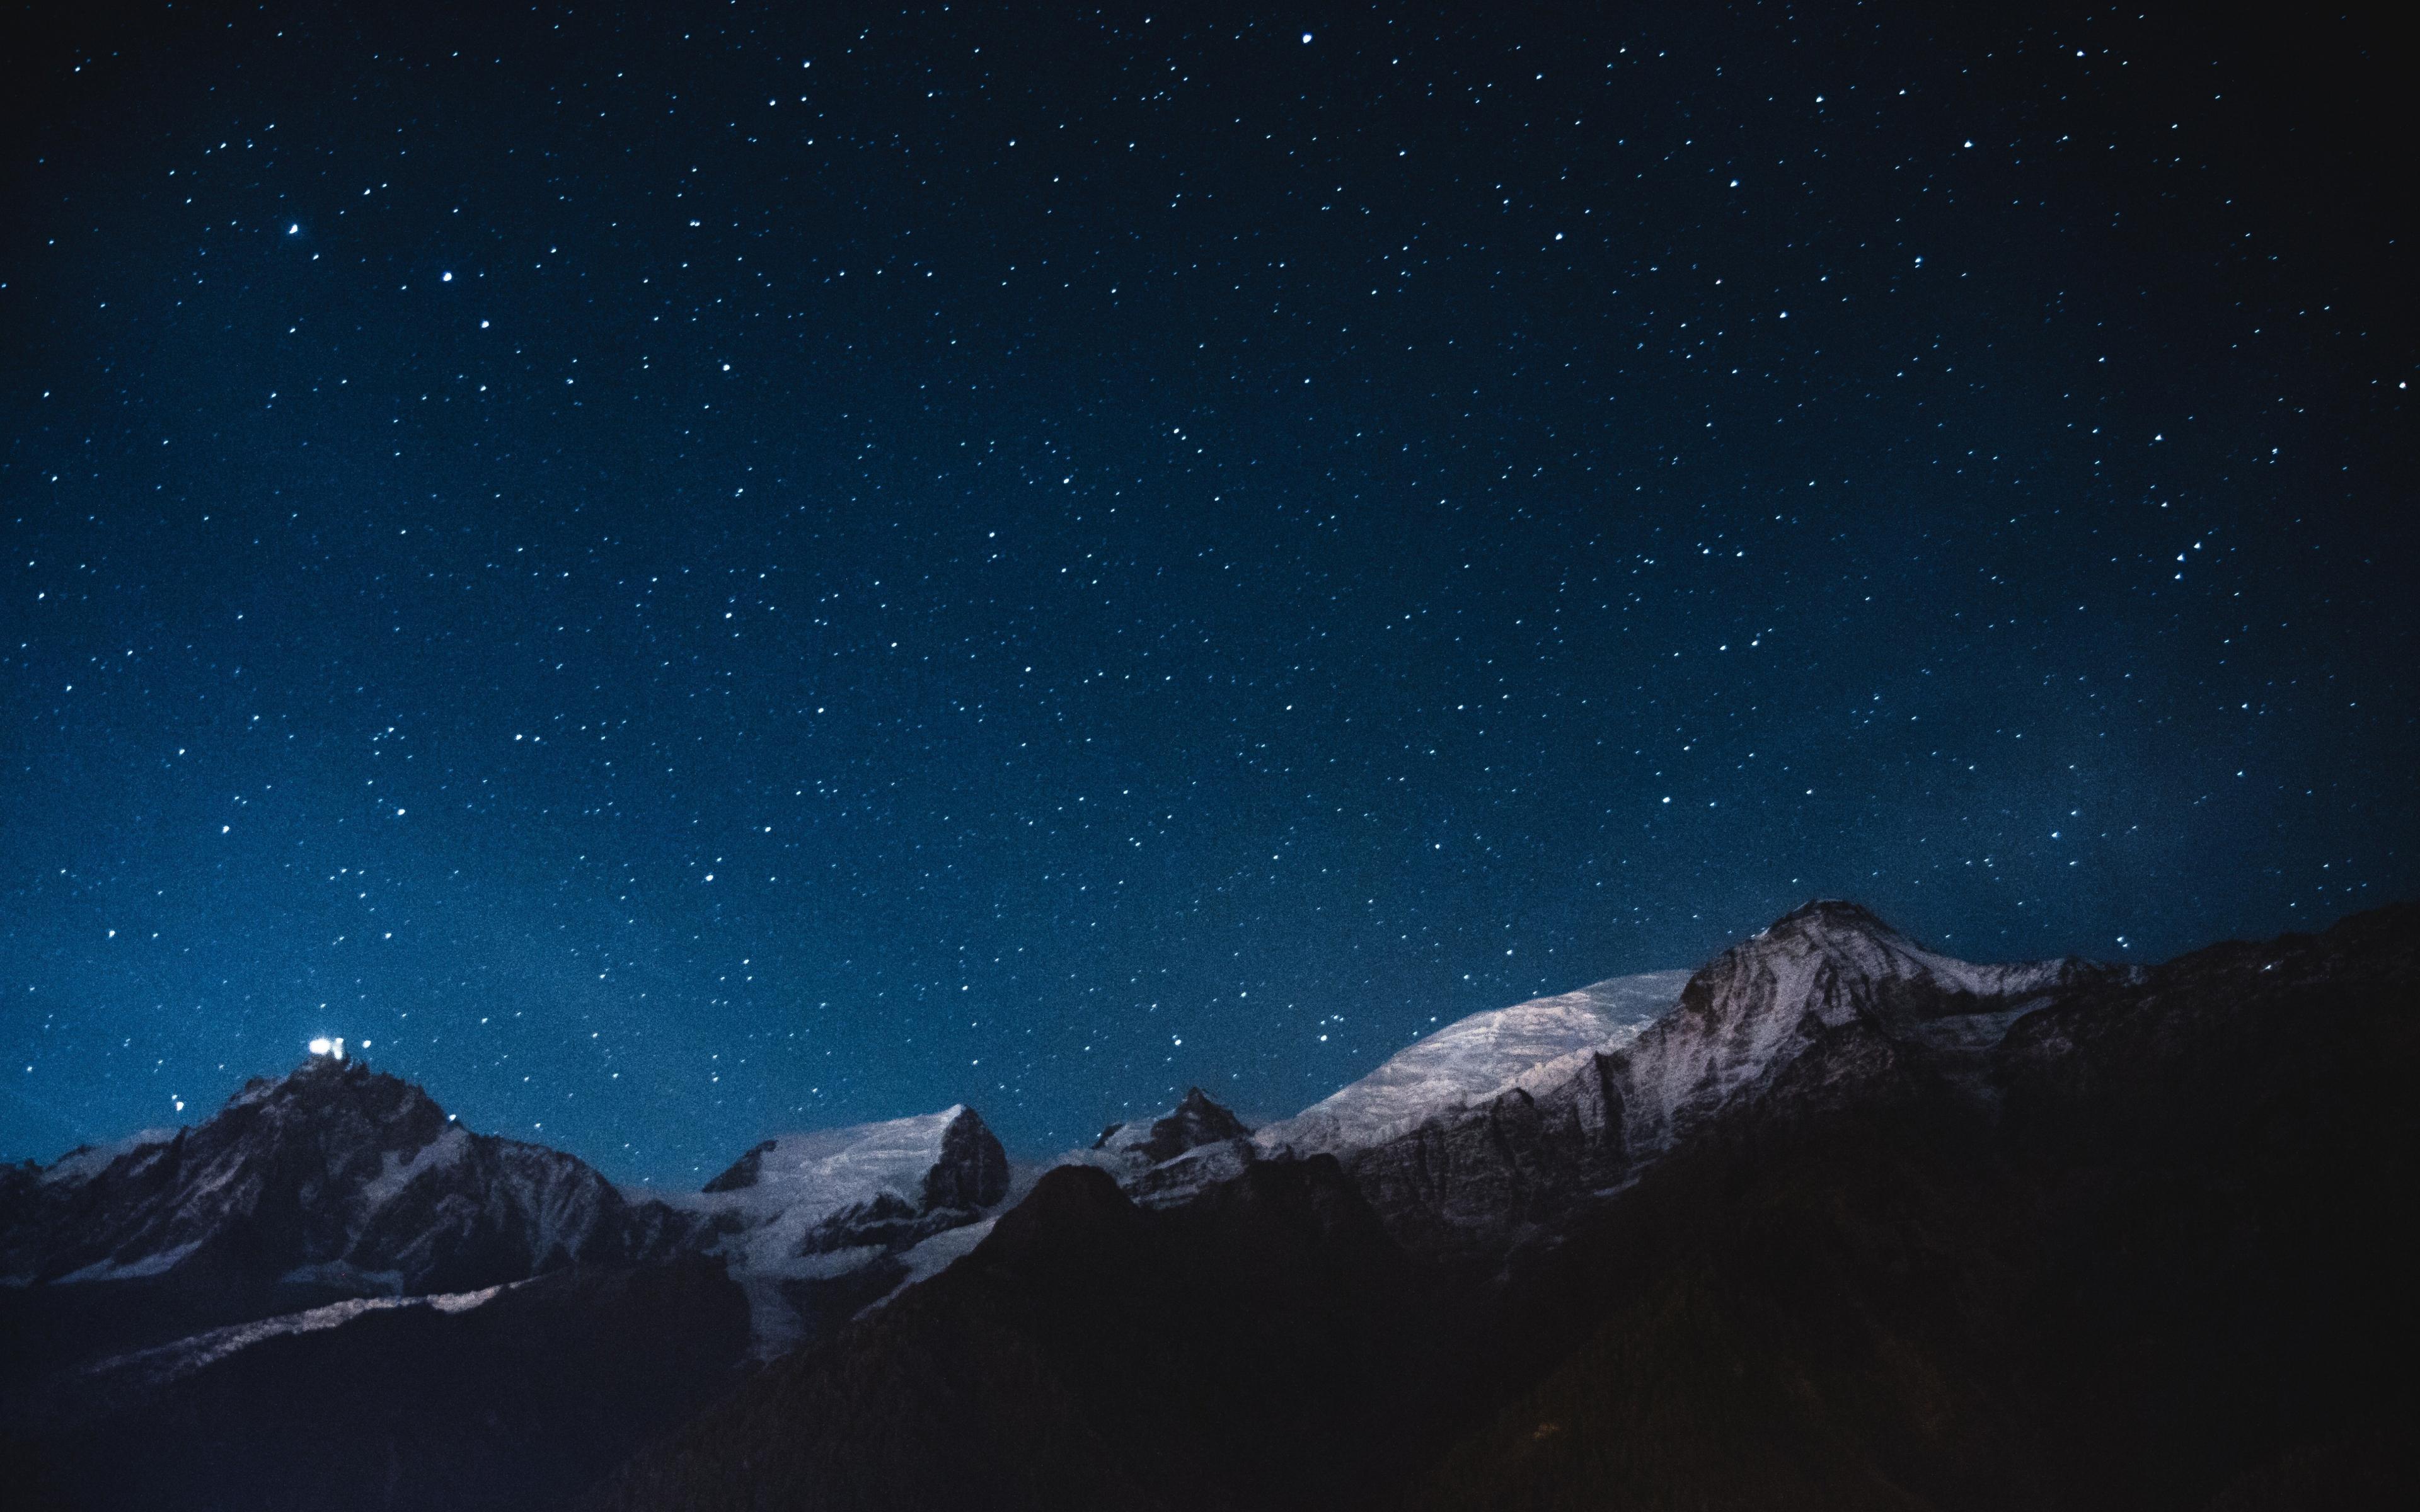 Download 3840x2400 wallpaper night mountains stars - Night mountain wallpaper 4k ...